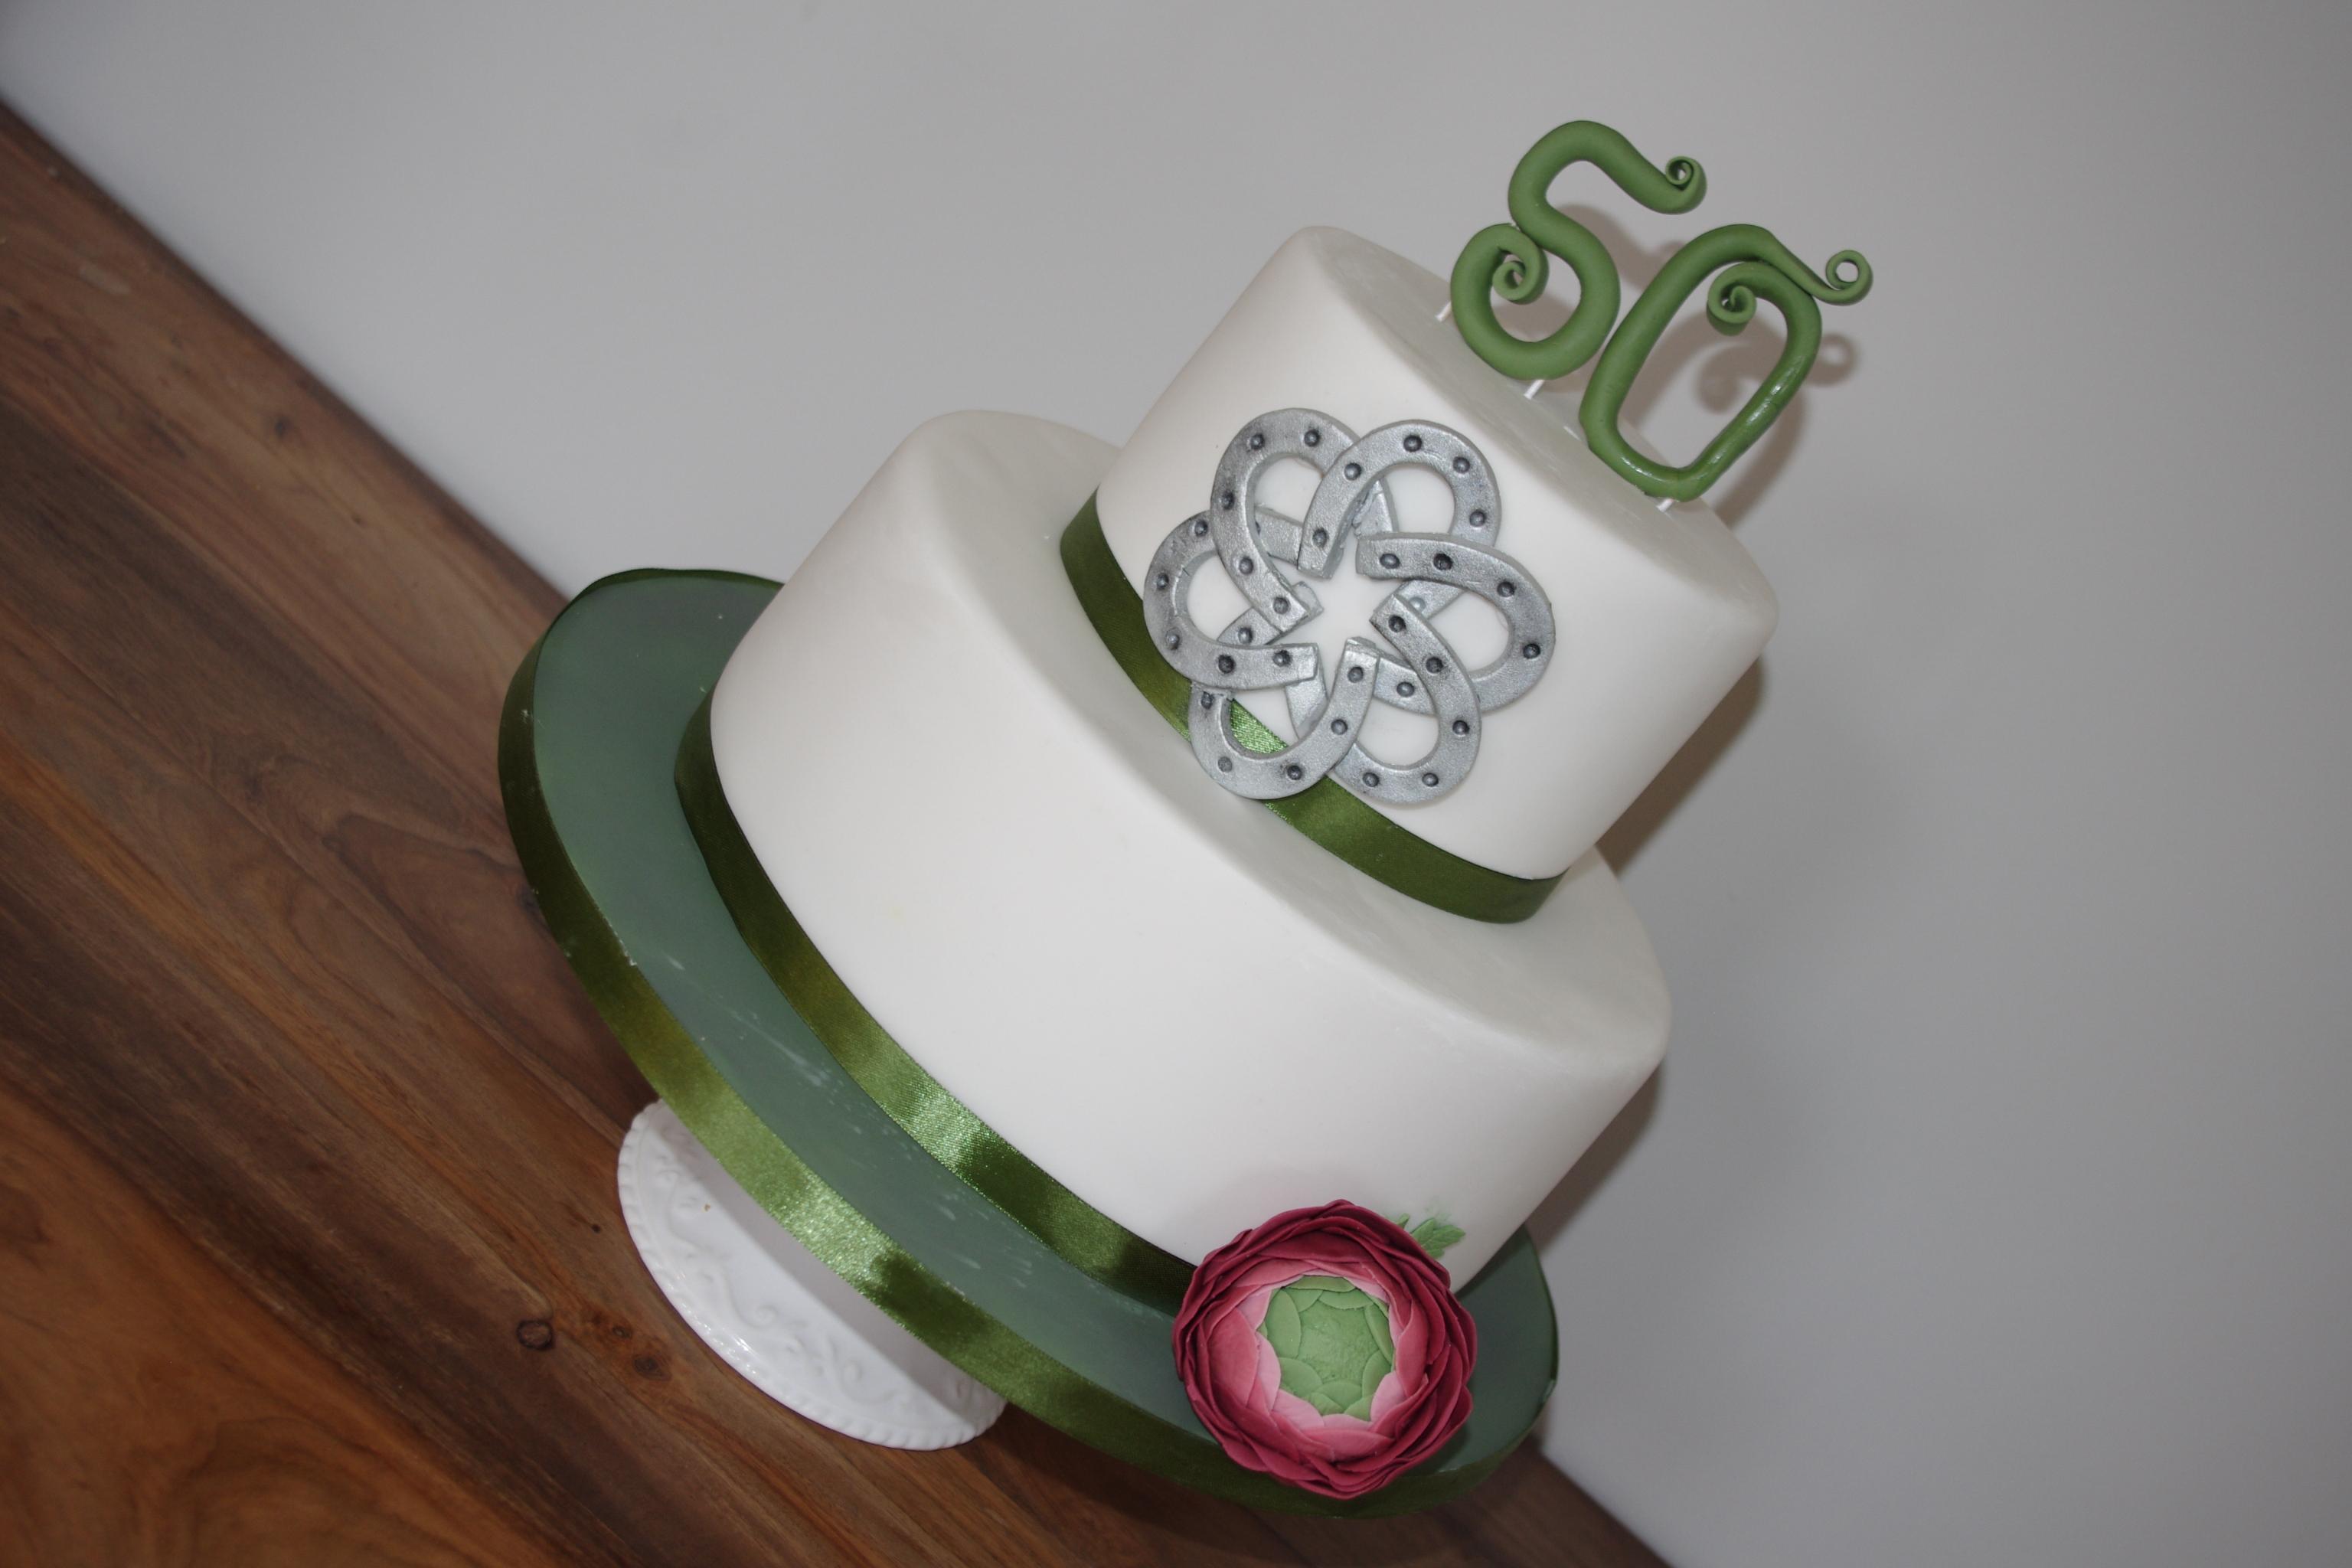 Horseshoe 50th birthday cake